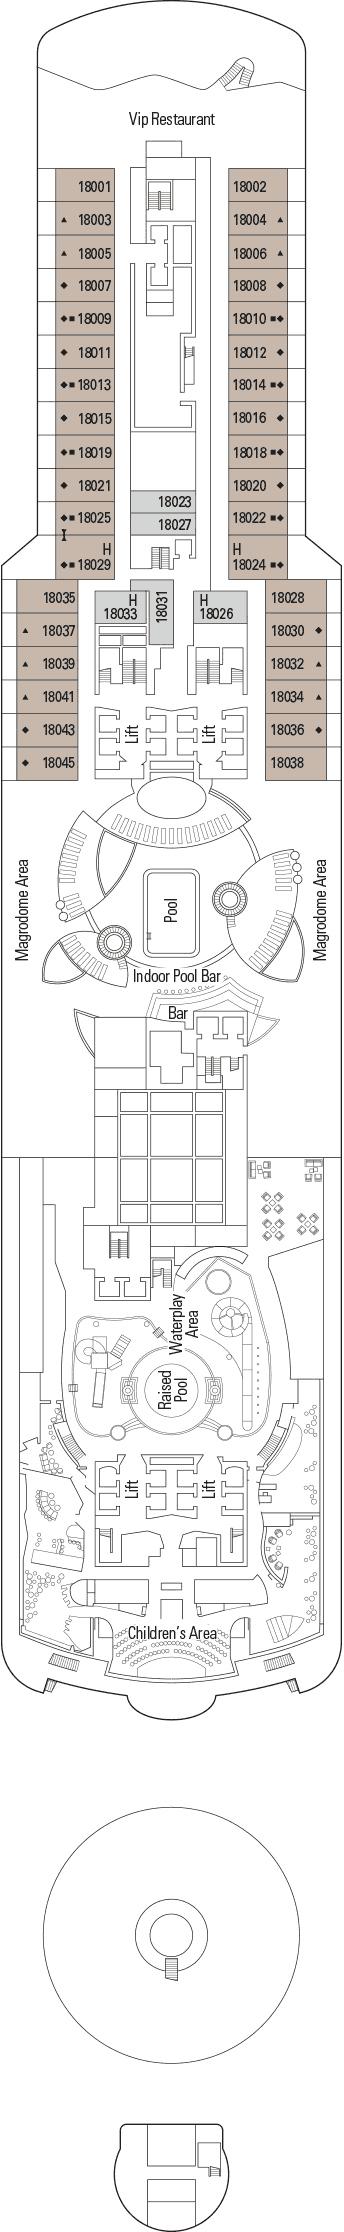 MSC Seaside - Deck 18